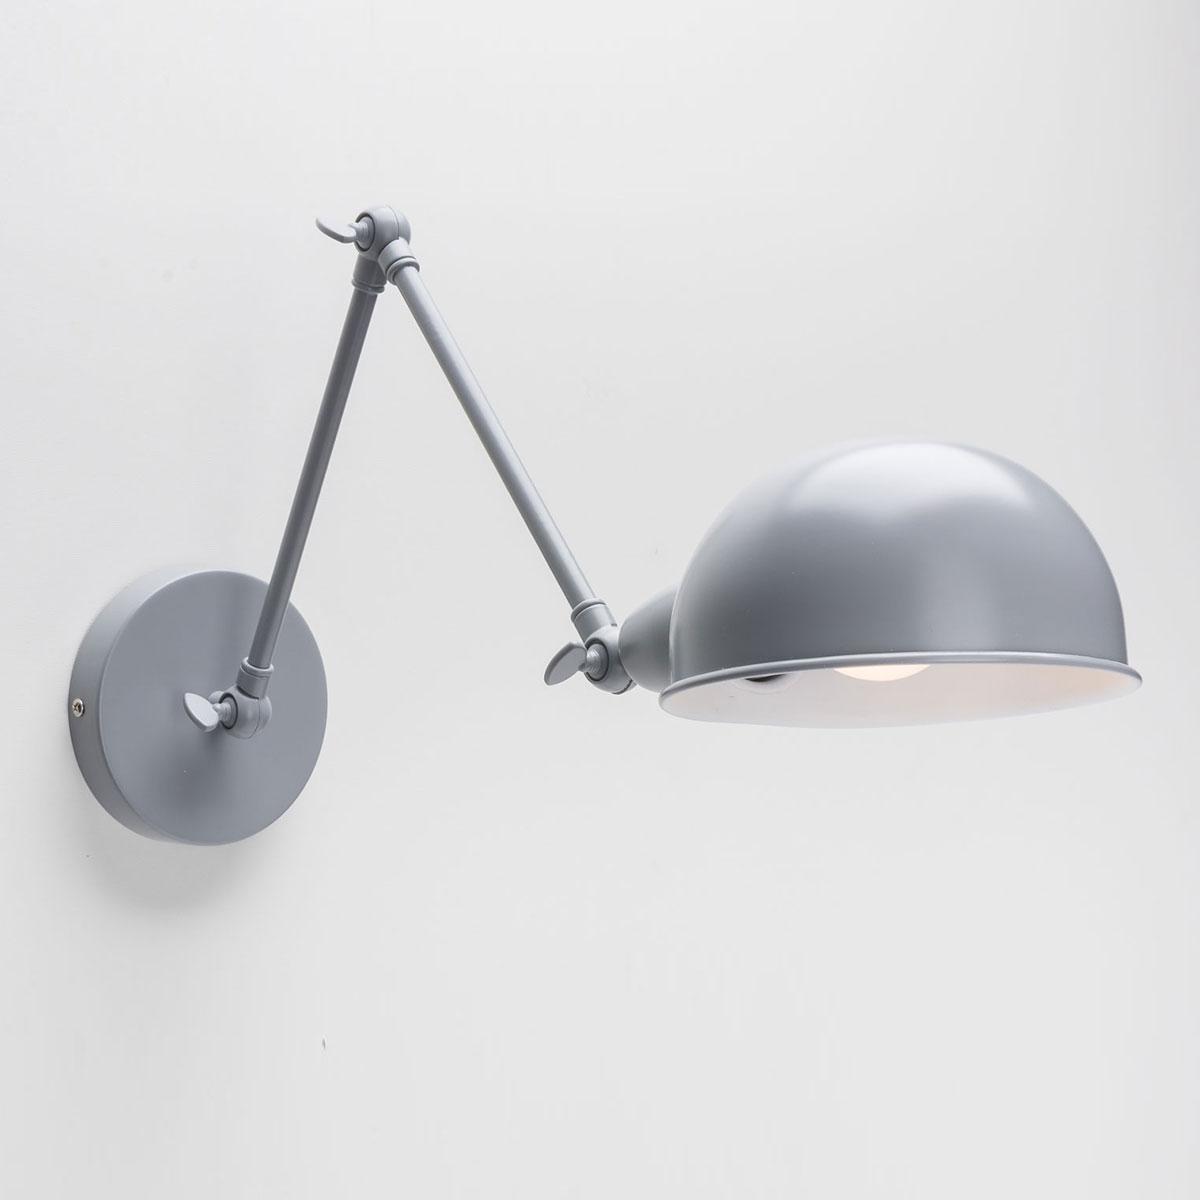 Настенный светильник Folke серый